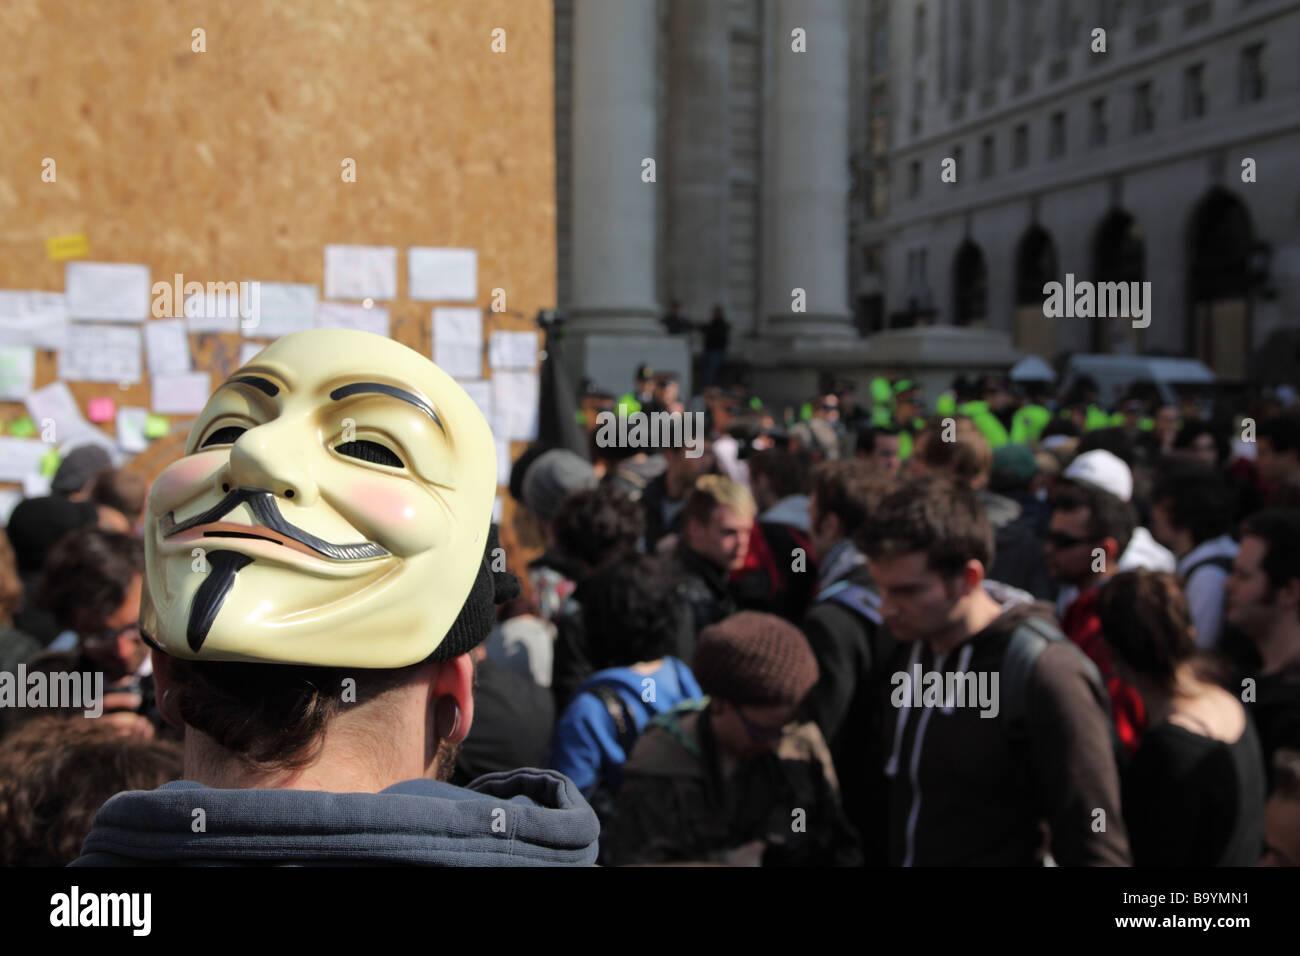 Maskierte Demonstranten außerhalb der Bank of England während der 2009 G20-Gipfel, London, UK. Stockbild